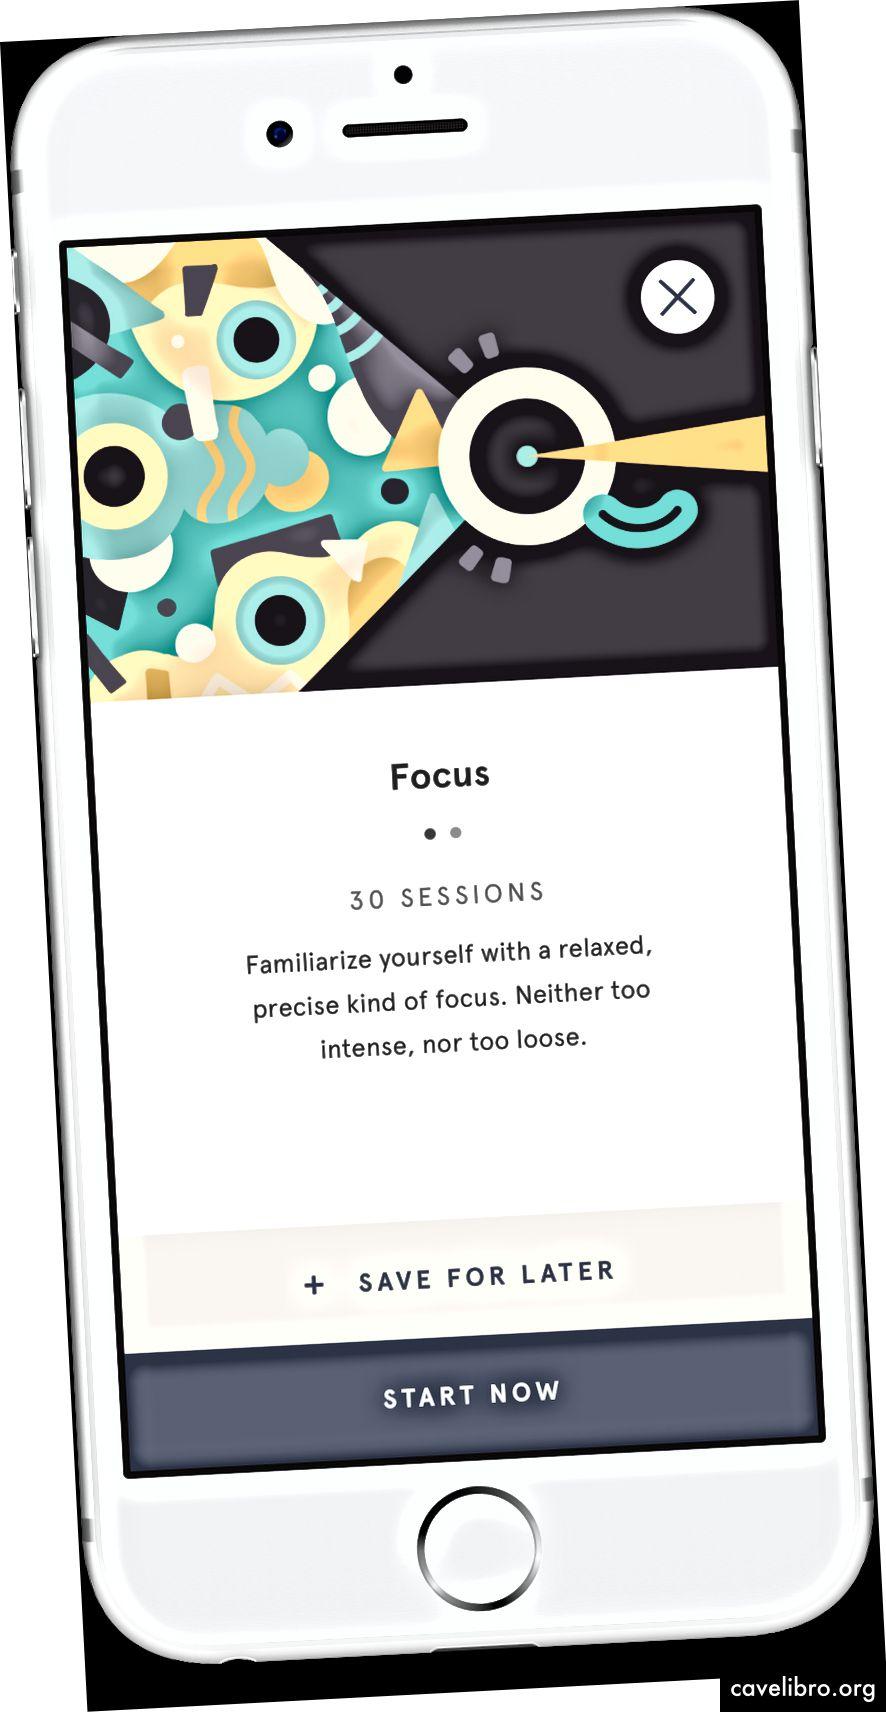 Capture d'écran du Focus pack dans l'application Headspace. Source de l'image: https://www.headspace.com/press-and-media